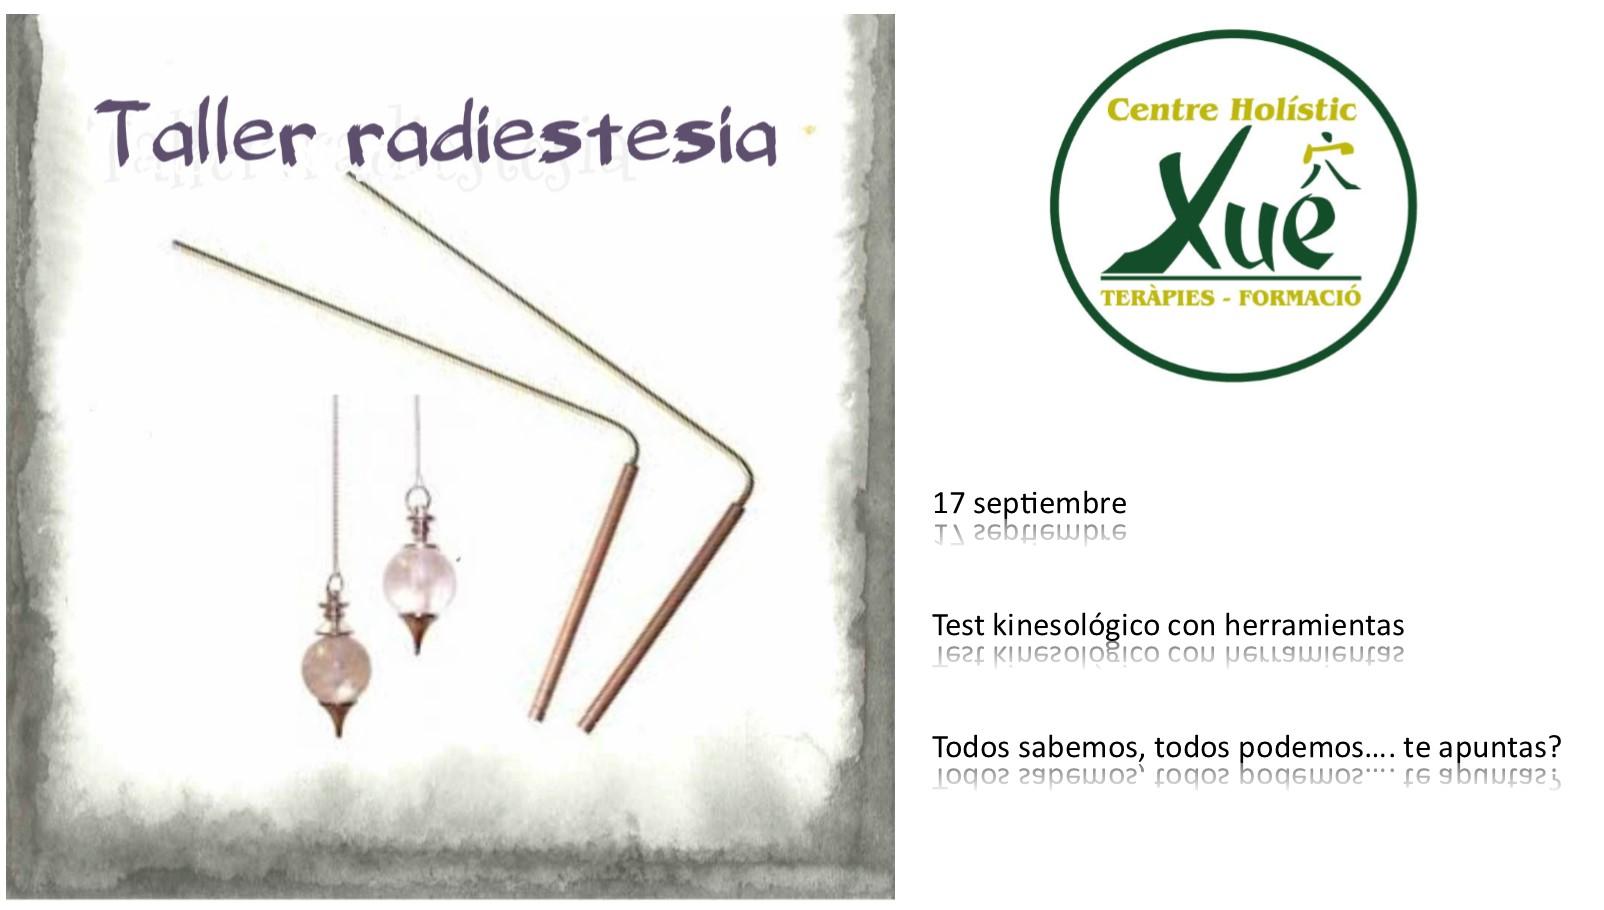 taller radiestesia, kinesología con herramienta